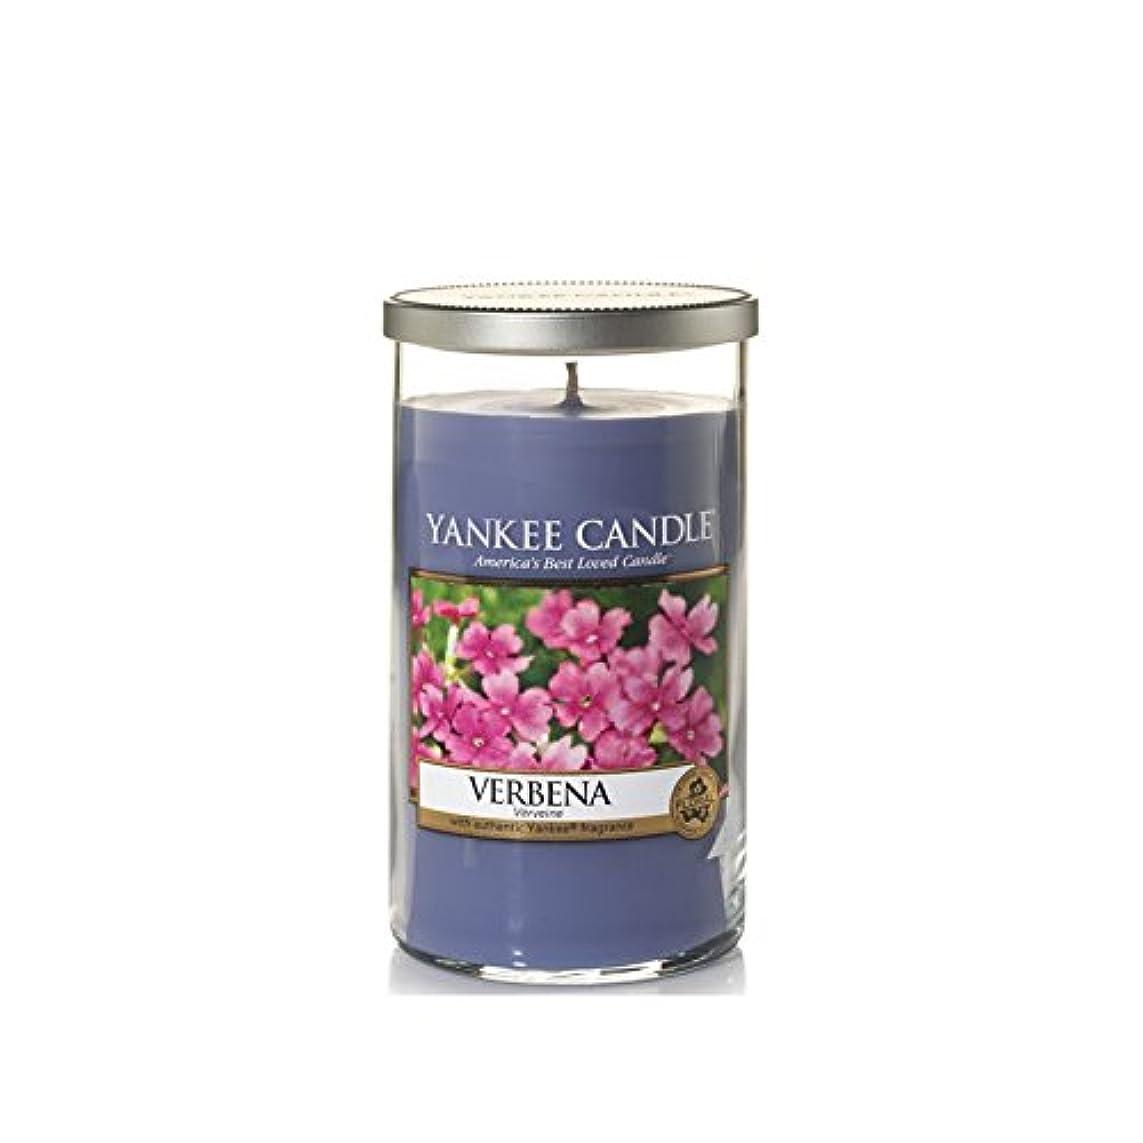 寛解評価可能マリンヤンキーキャンドルメディアピラーキャンドル - バーベナ - Yankee Candles Medium Pillar Candle - Verbena (Yankee Candles) [並行輸入品]